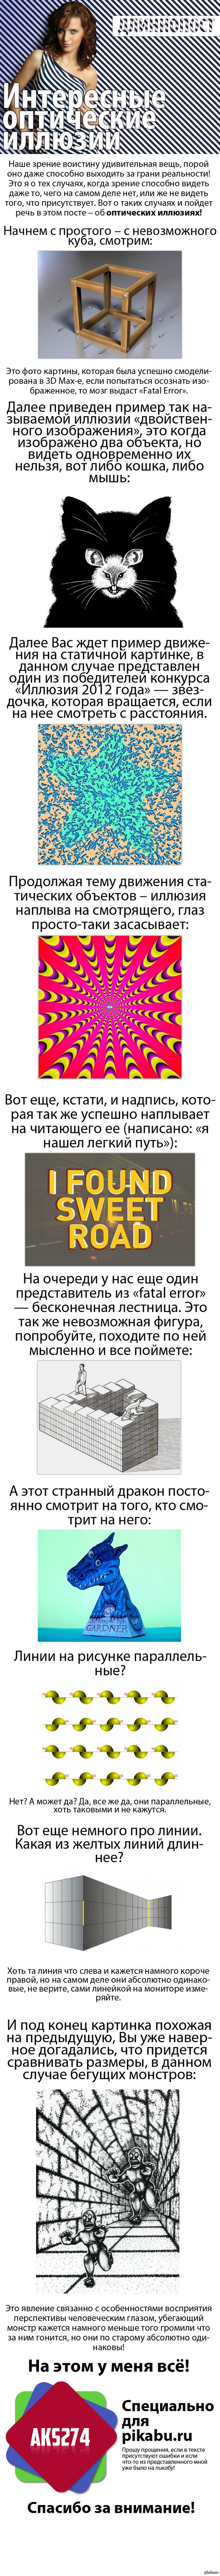 http://s.pikabu.ru/post_img/2013/12/26/9/1388066411_1242386638.png